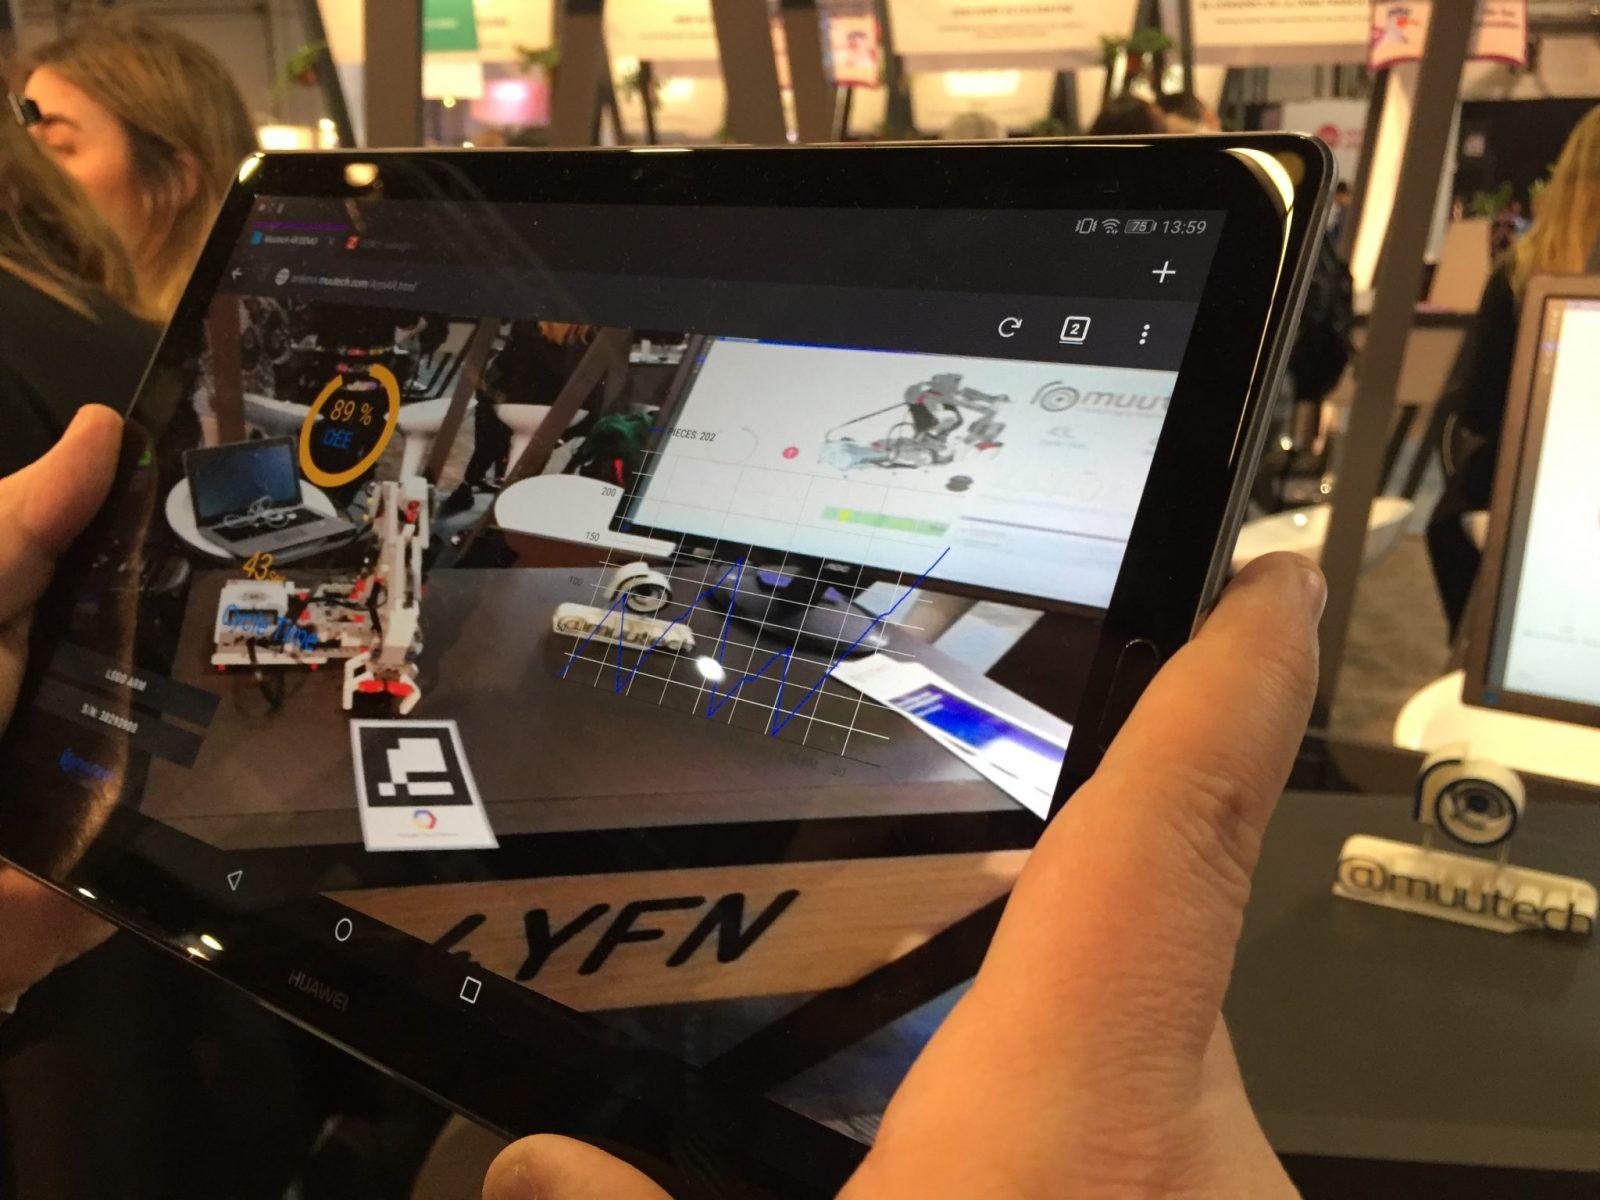 monitoring augmented reality muutech 4yfn